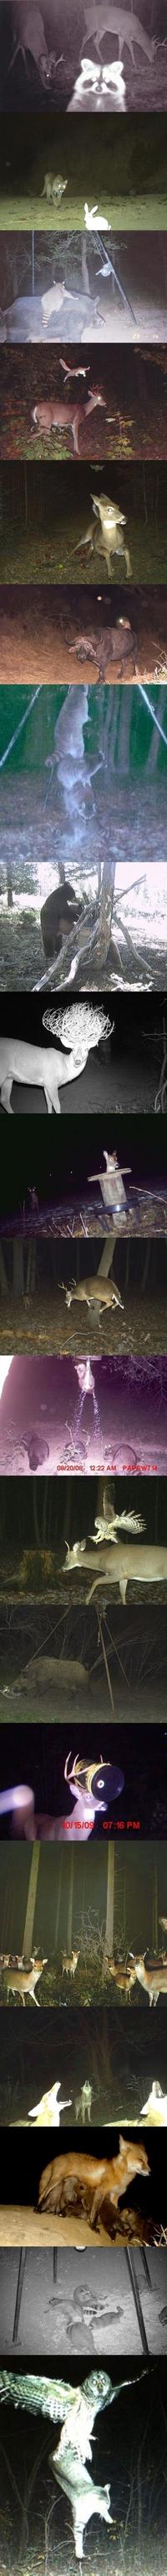 Les animaux, la nuit